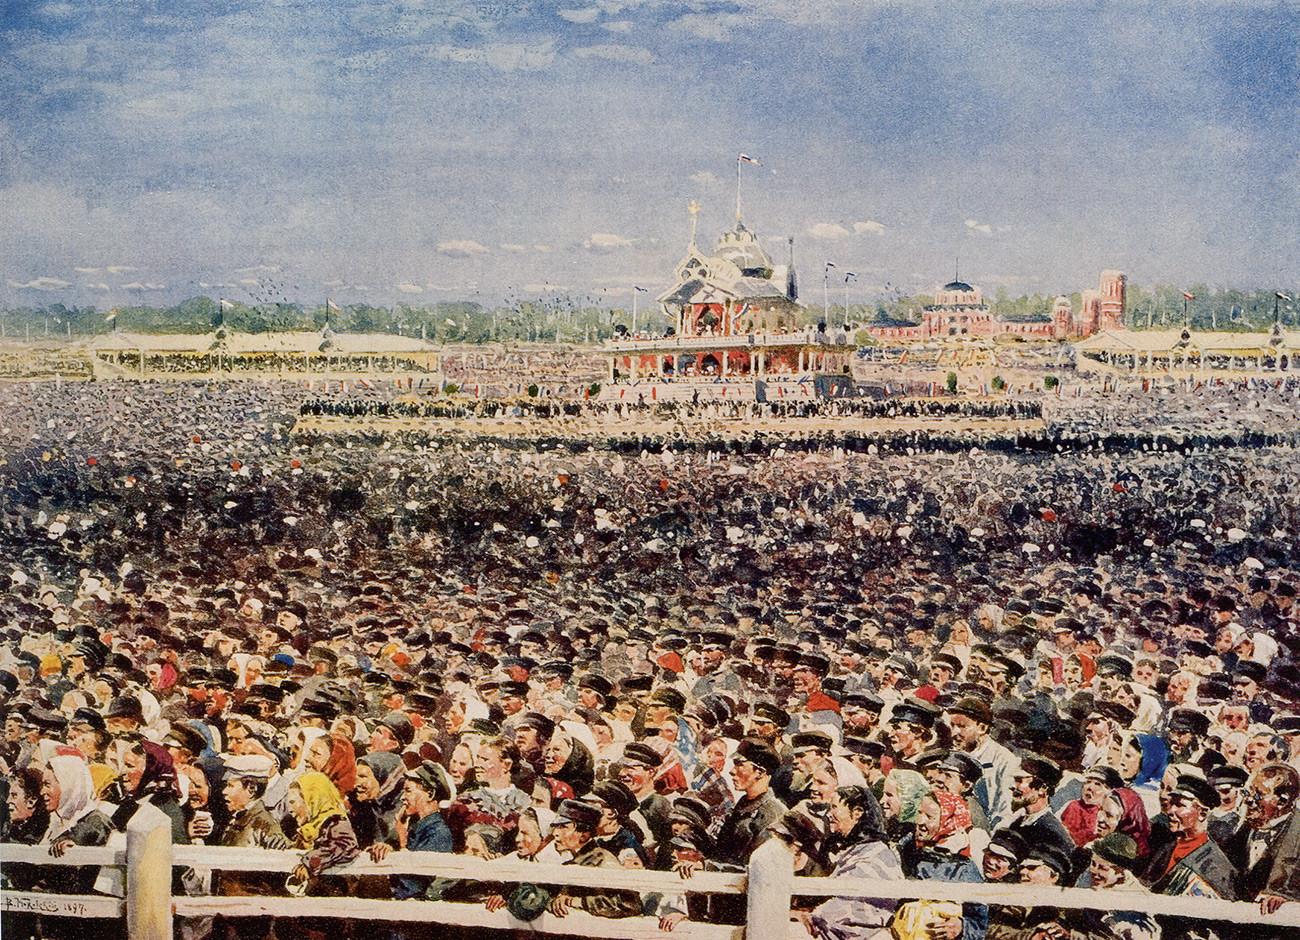 At the Khodynskoye field, May 1896.